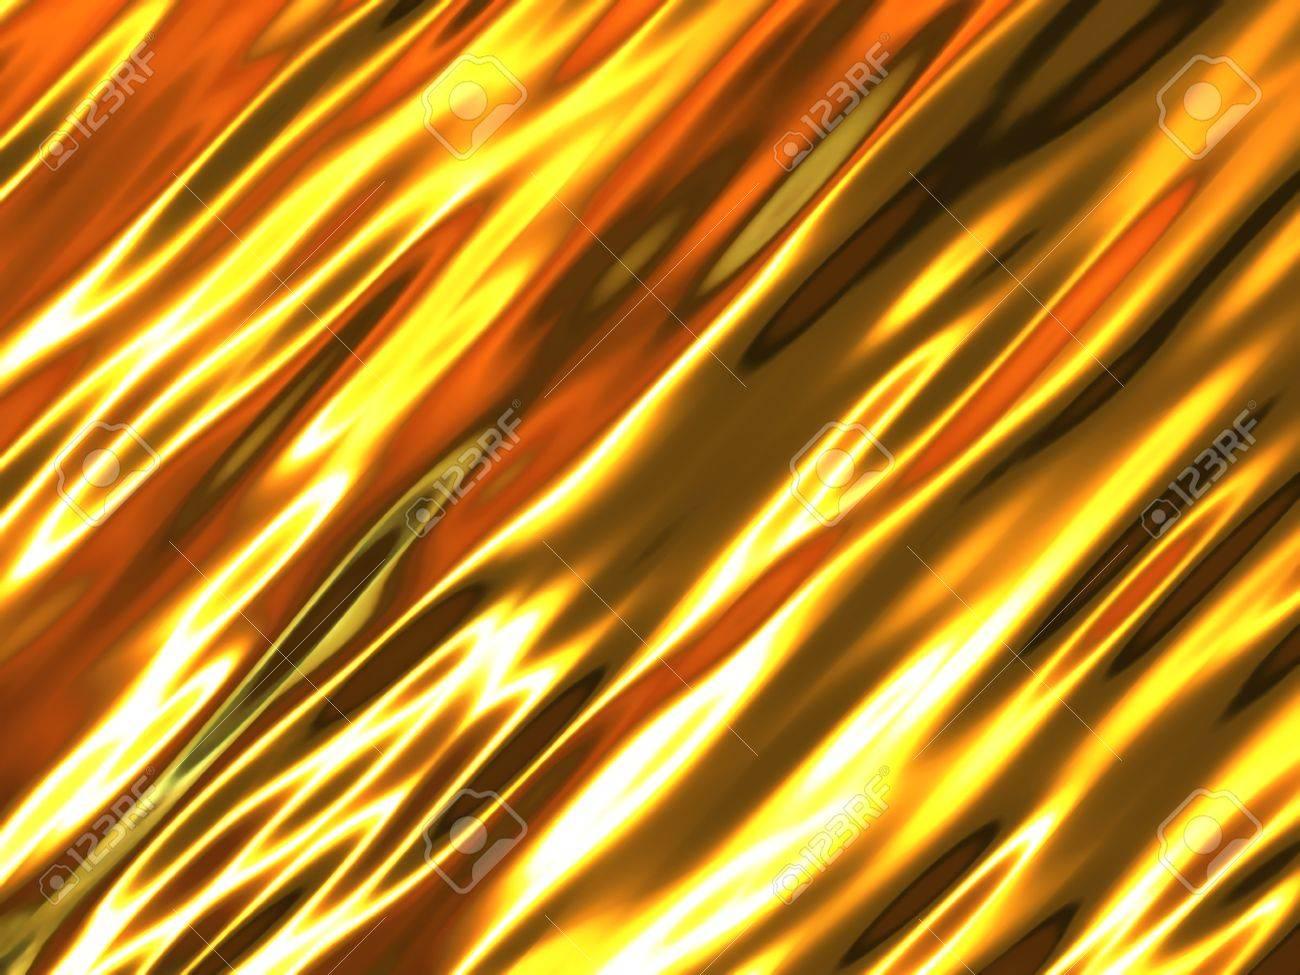 gold fire texture